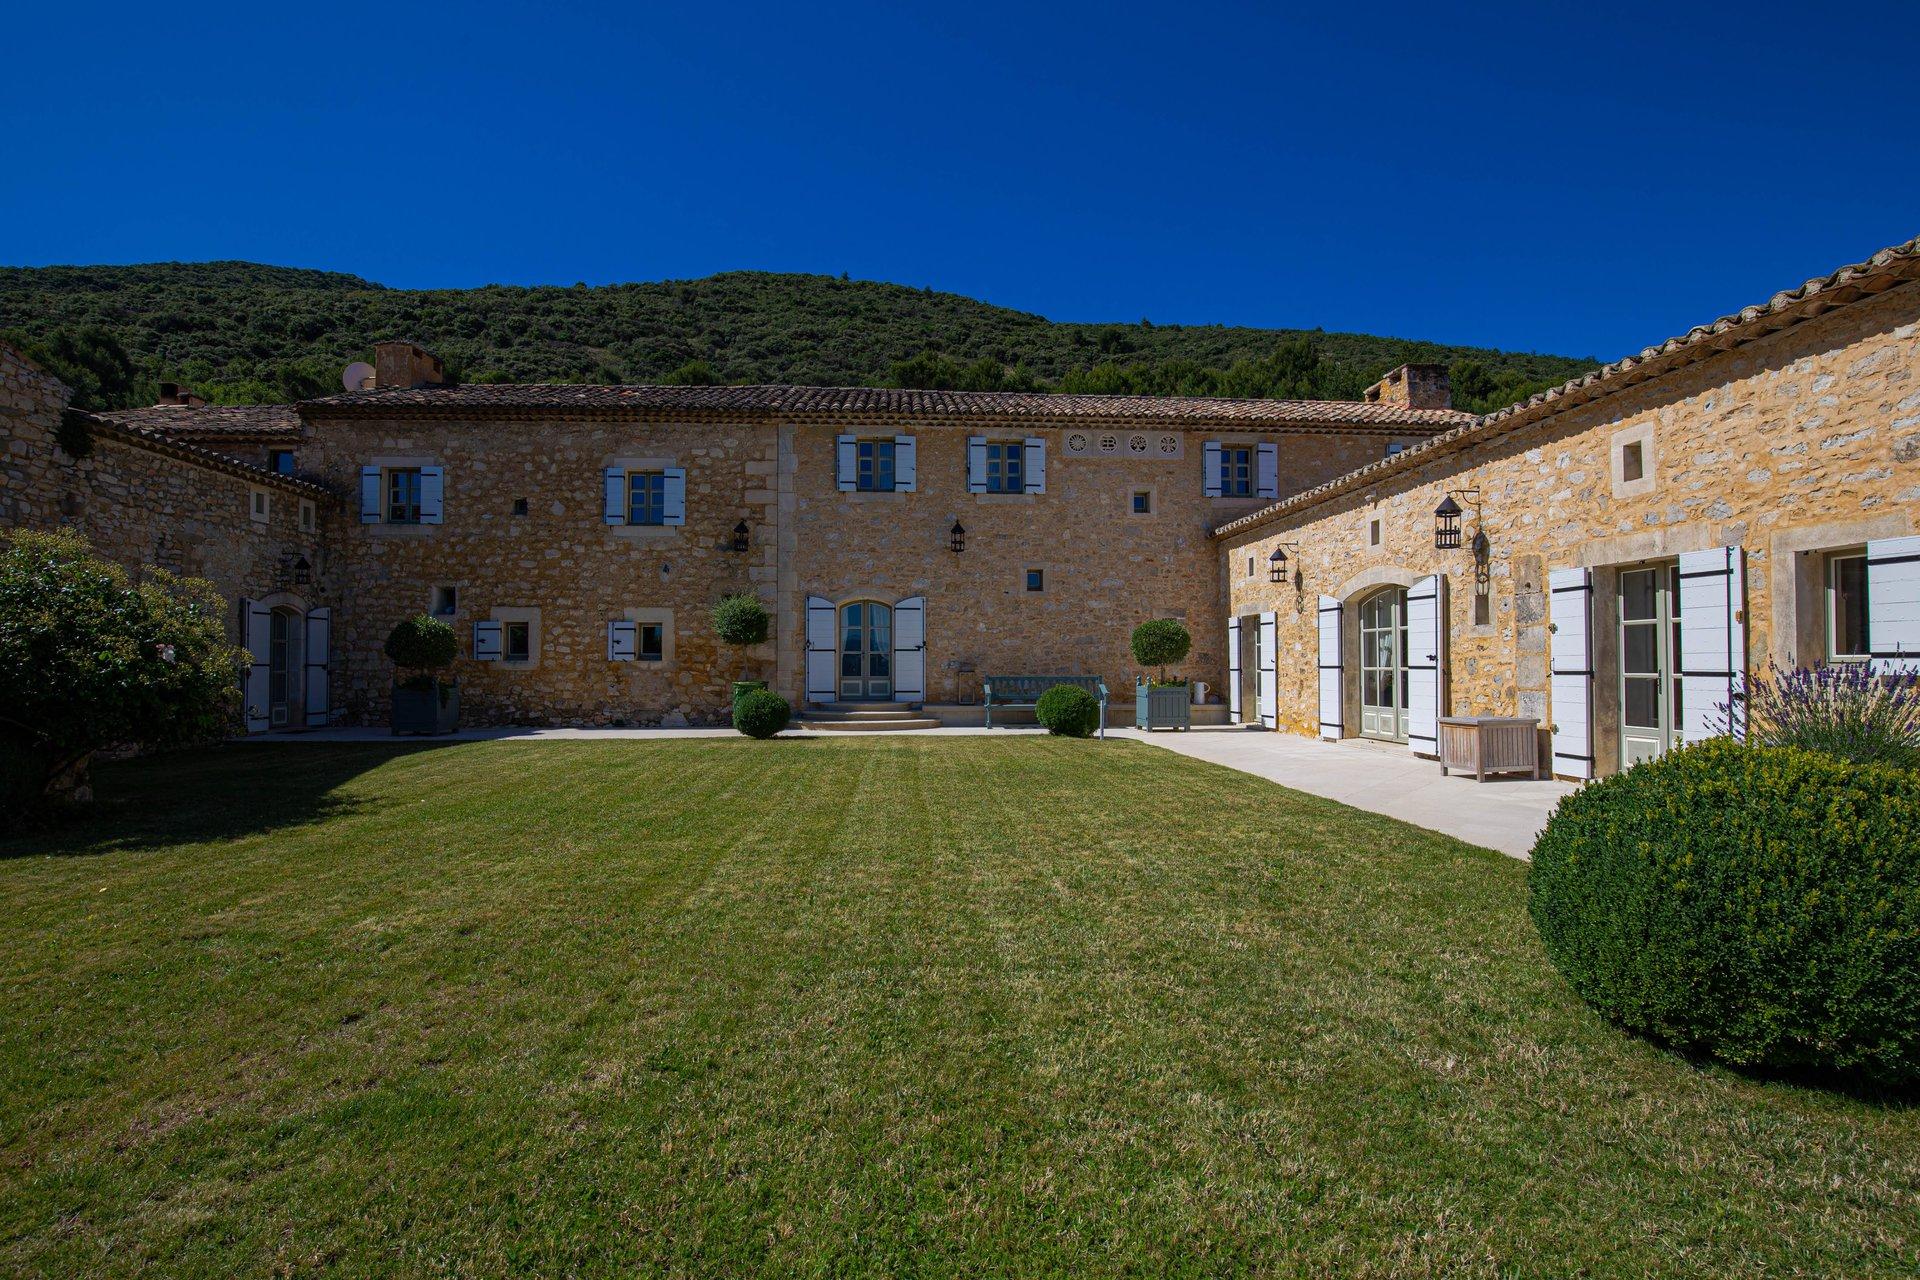 Villas for Sale - PL006